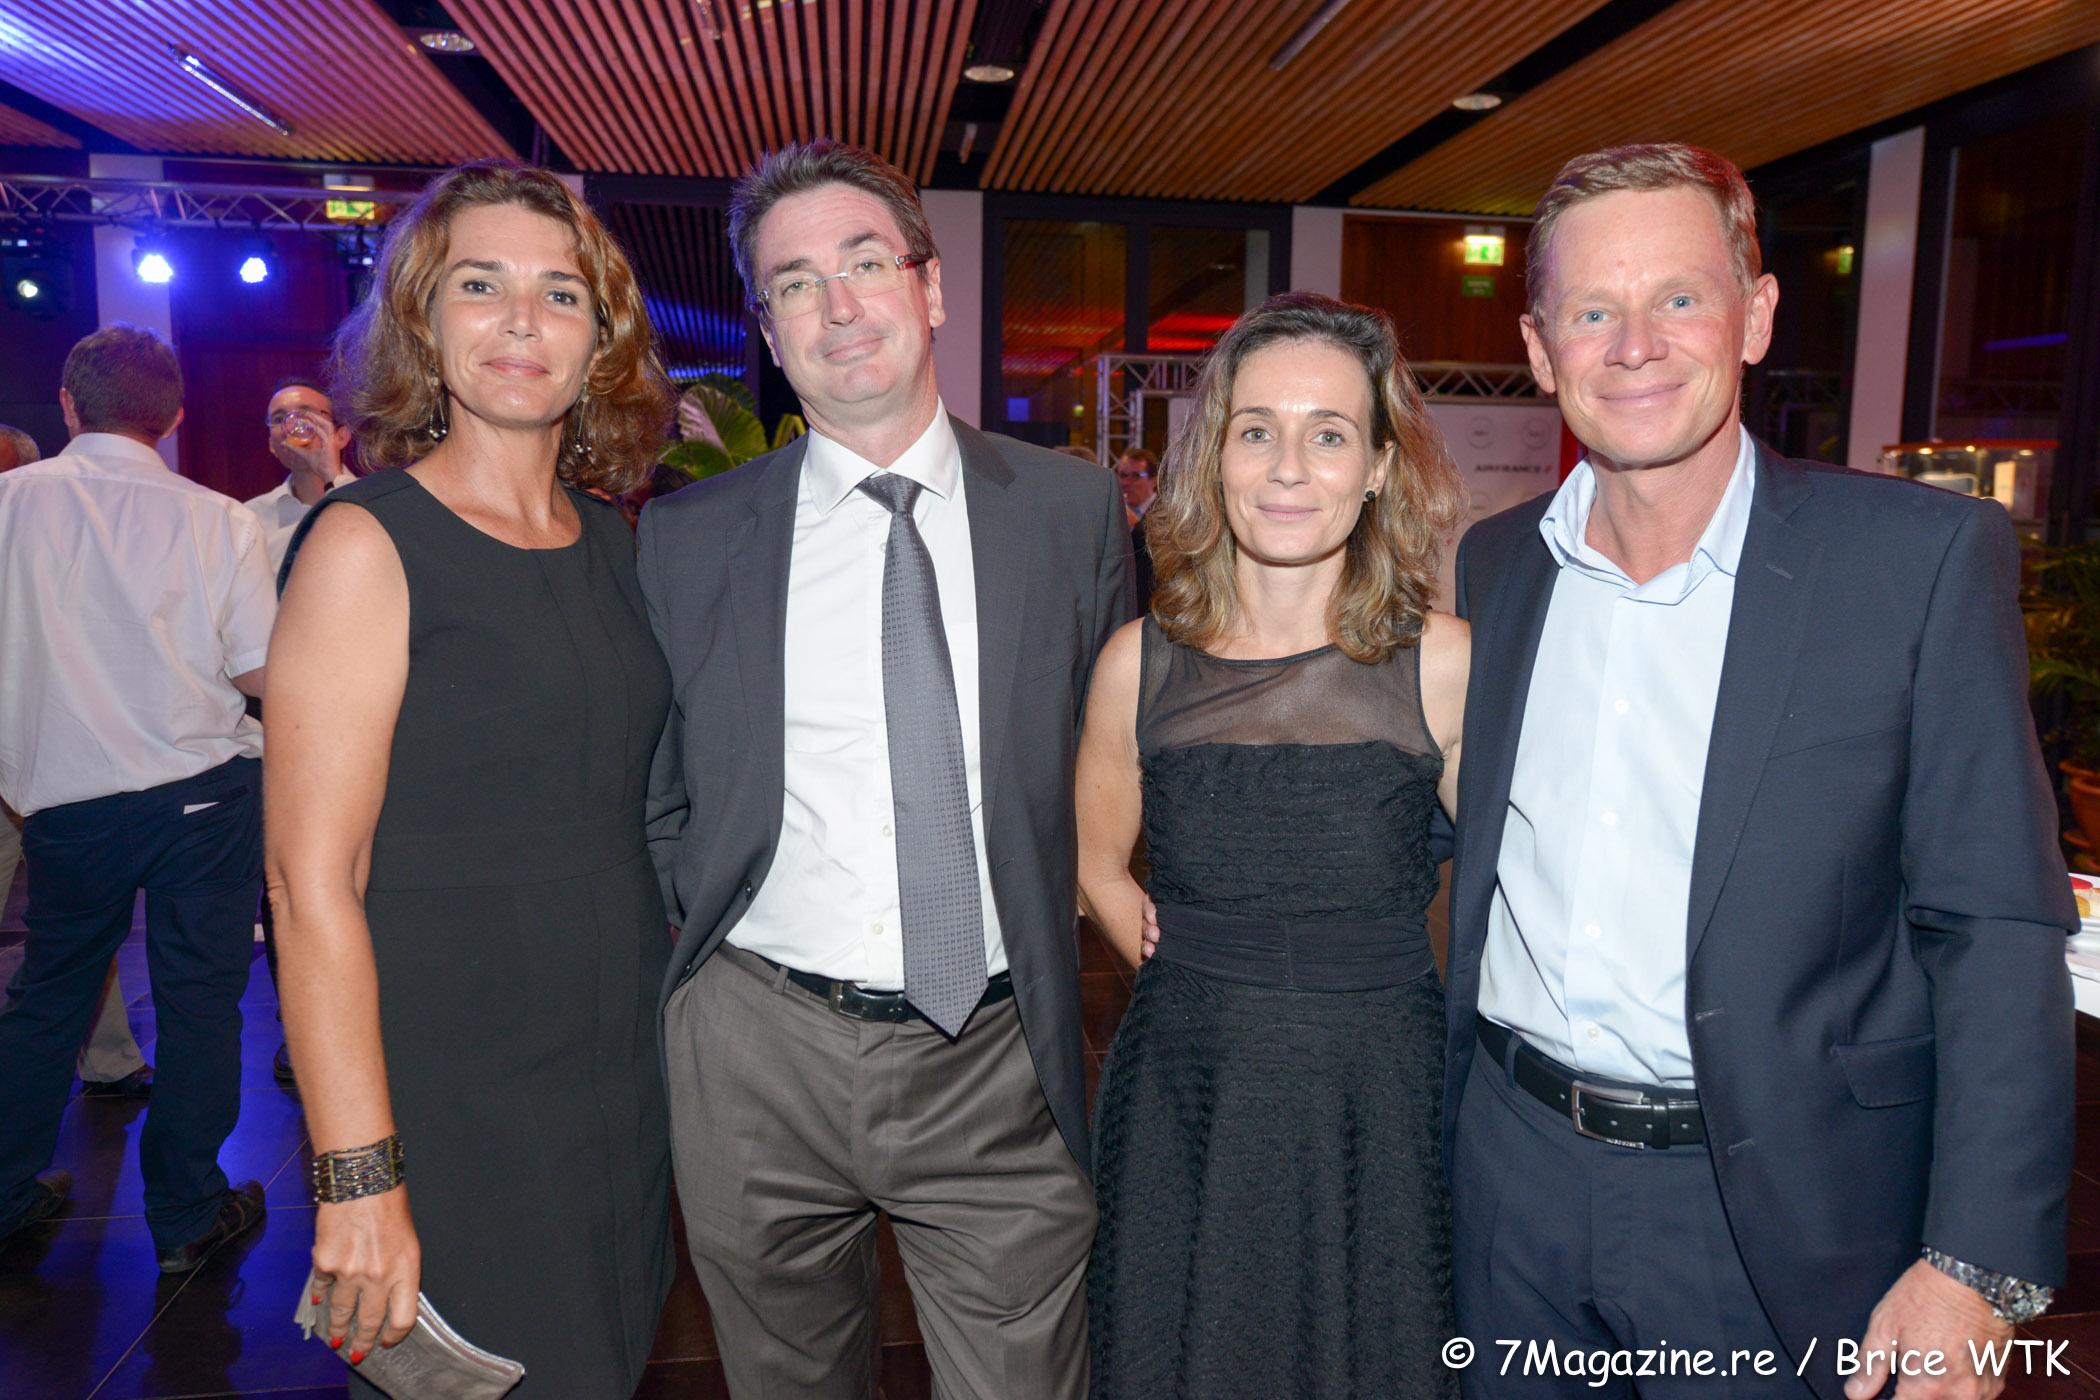 Sandra Tezenas, Bertrand Sireyjol, directeur de Cotrans Automobile, son épouse Florence et Marc tezenas, directeur général d'Automobile Réunion